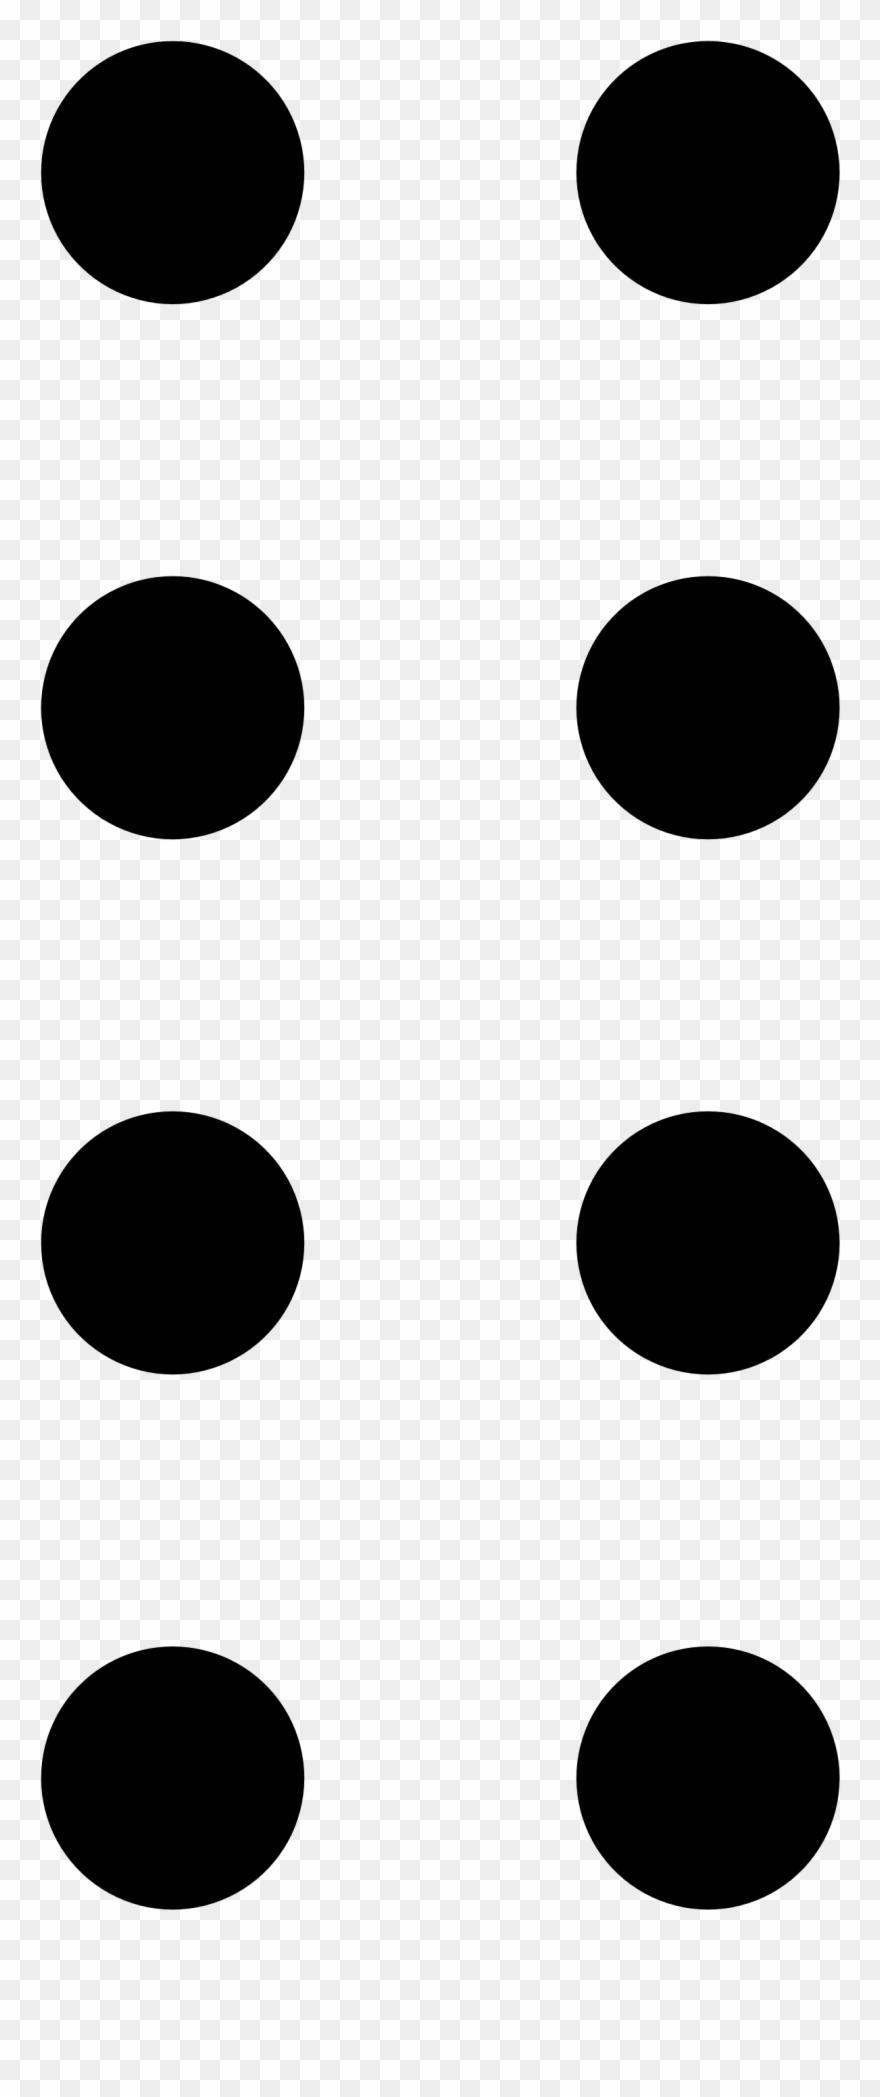 White dot clipart banner library stock Open - White Dot Clip Art - Png Download (#1097788) - PinClipart banner library stock